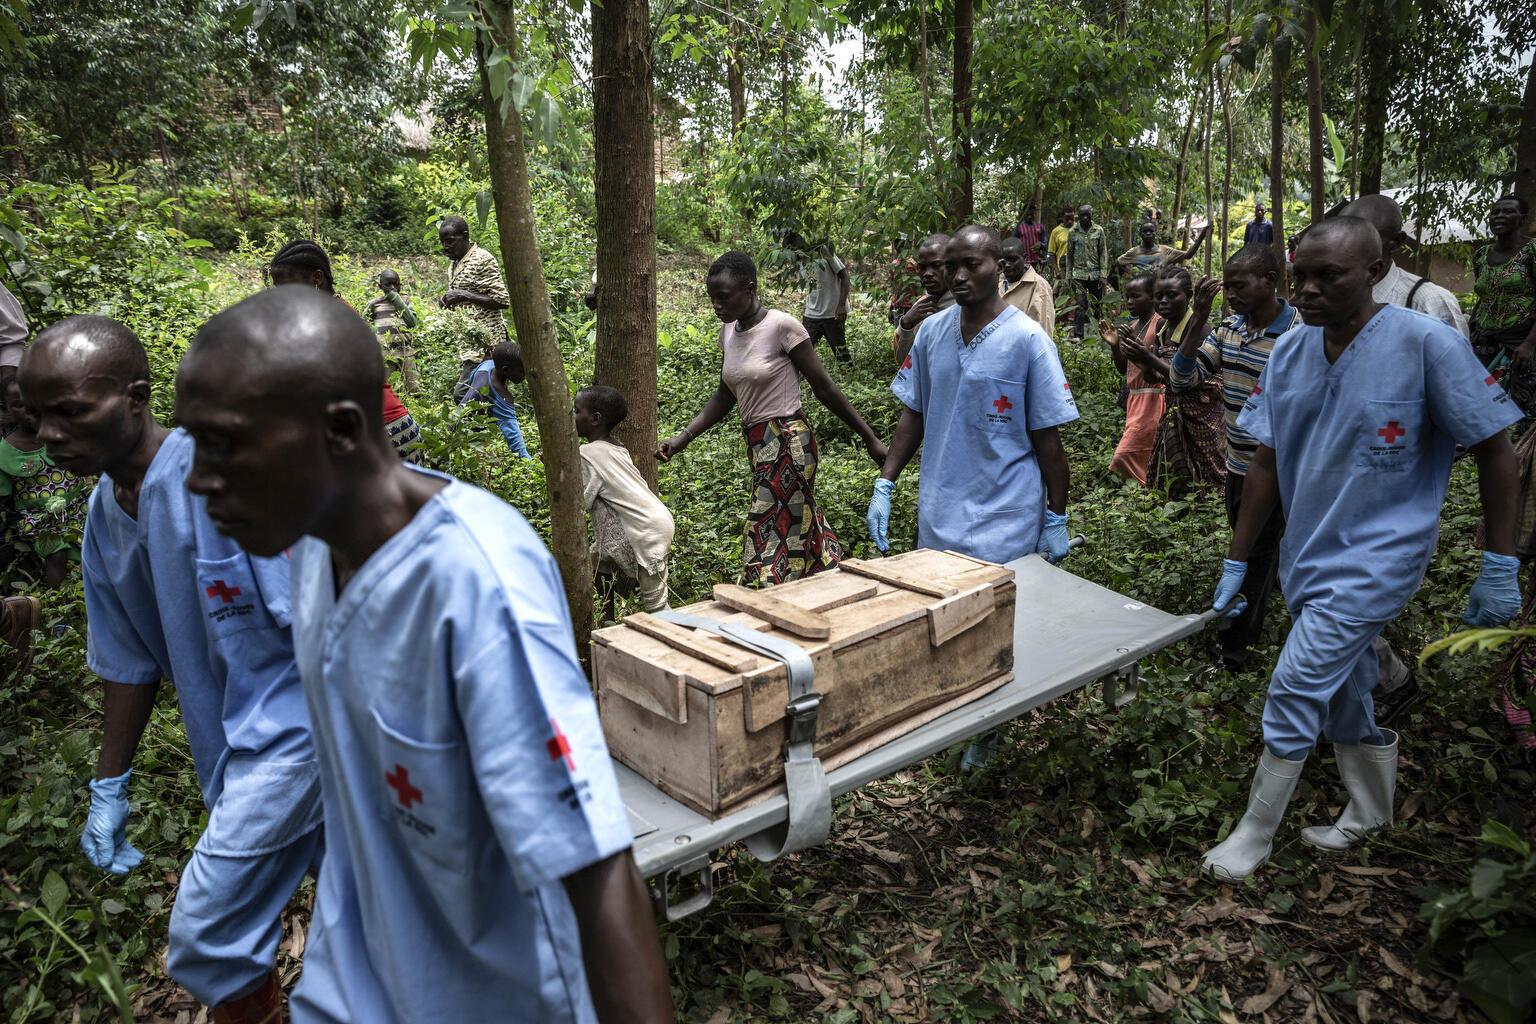 Des agents de la Croix Rouge enterrent le corps d'une enfant de 11 mois à Rutshuru, en RD Congo, décédée pendant l'épidémie d'Ebola, en février 2020.